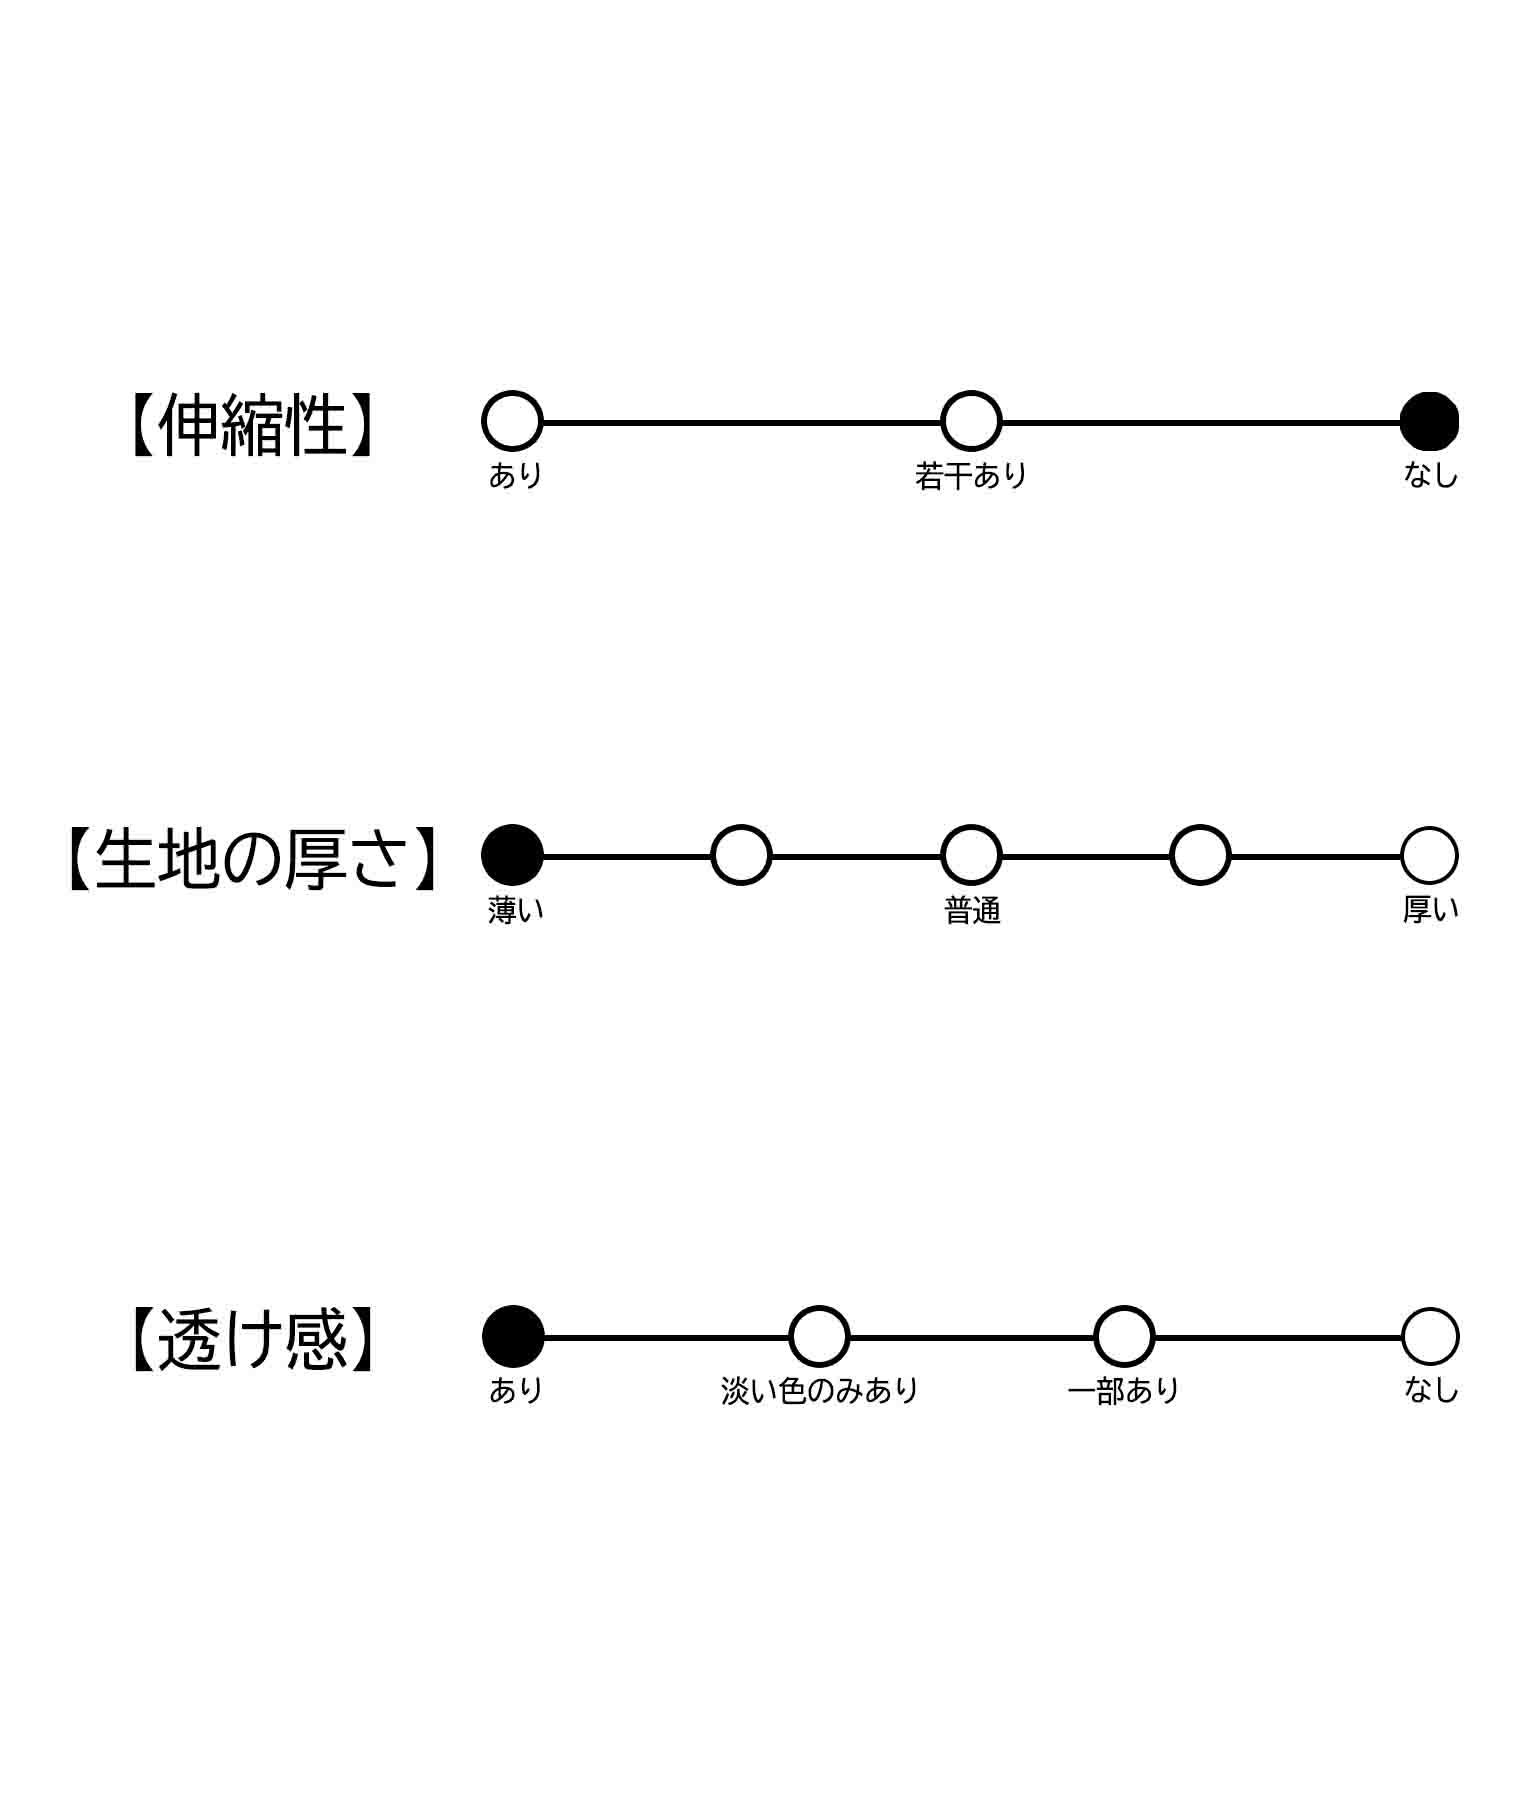 綿麻サスペンダー付き2WAYパンツ(ボトムス・パンツ /ロングパンツ)   CHILLE